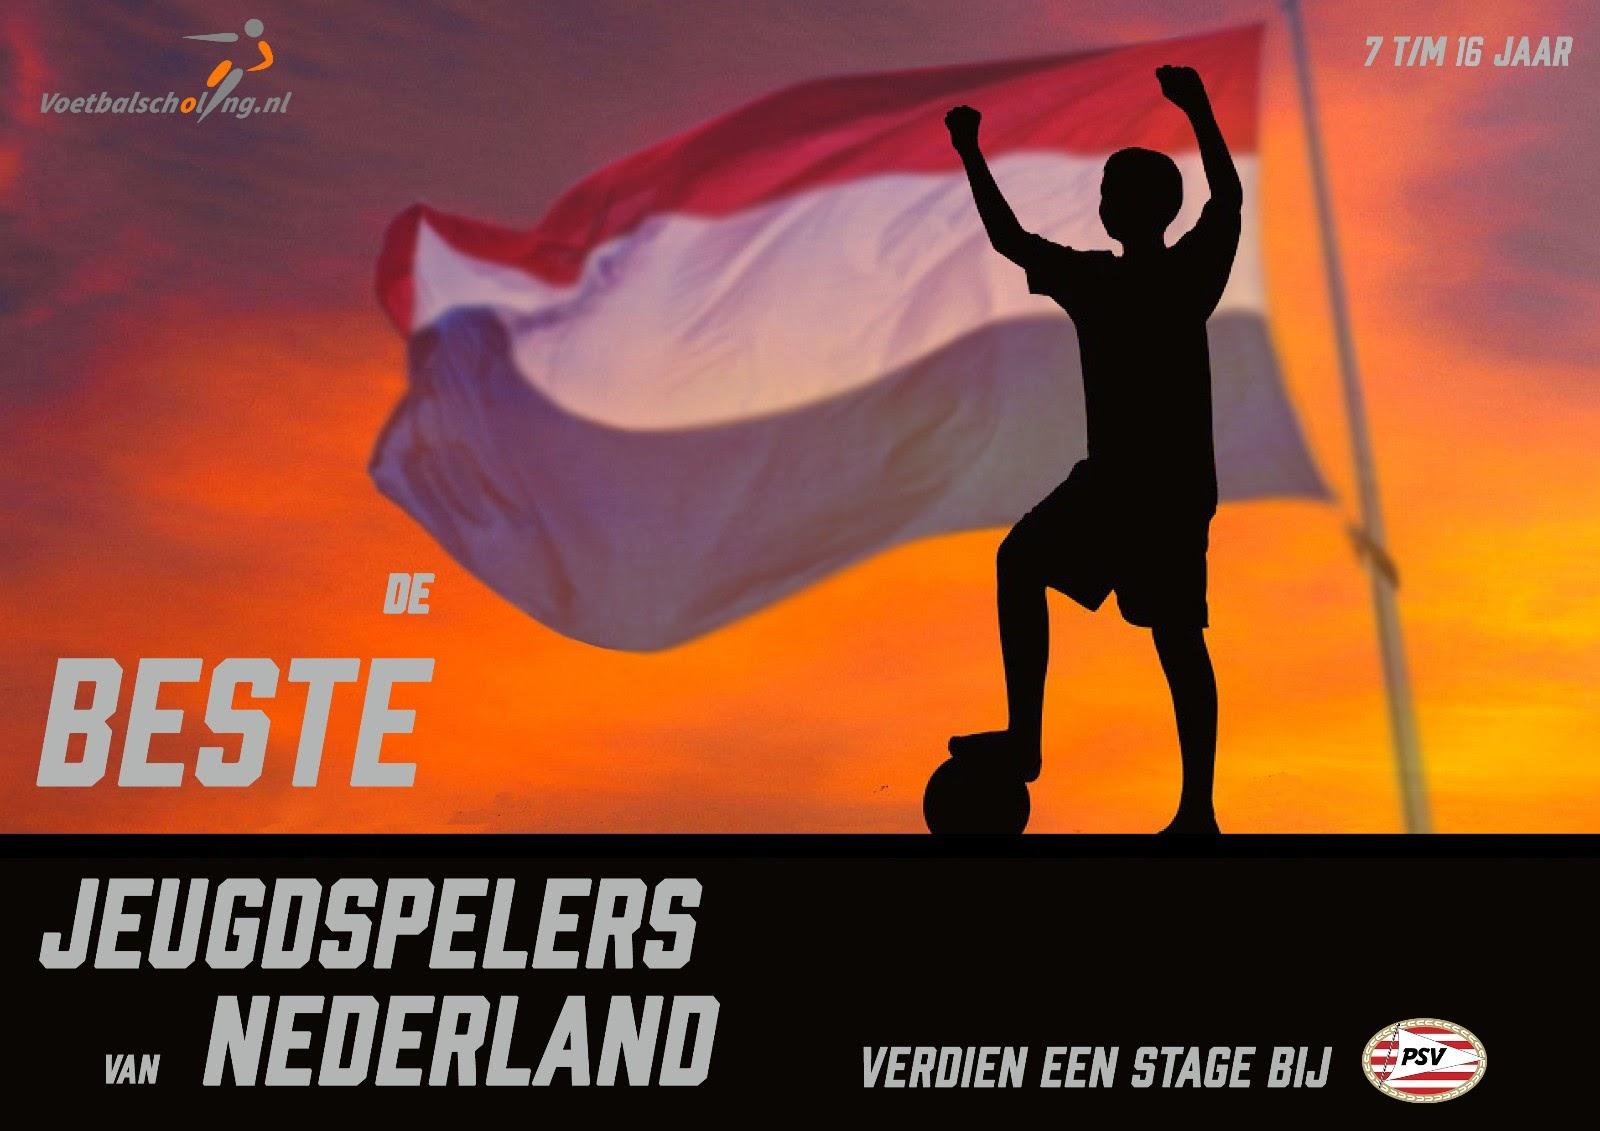 'De beste jeugdspelers van Nederland'